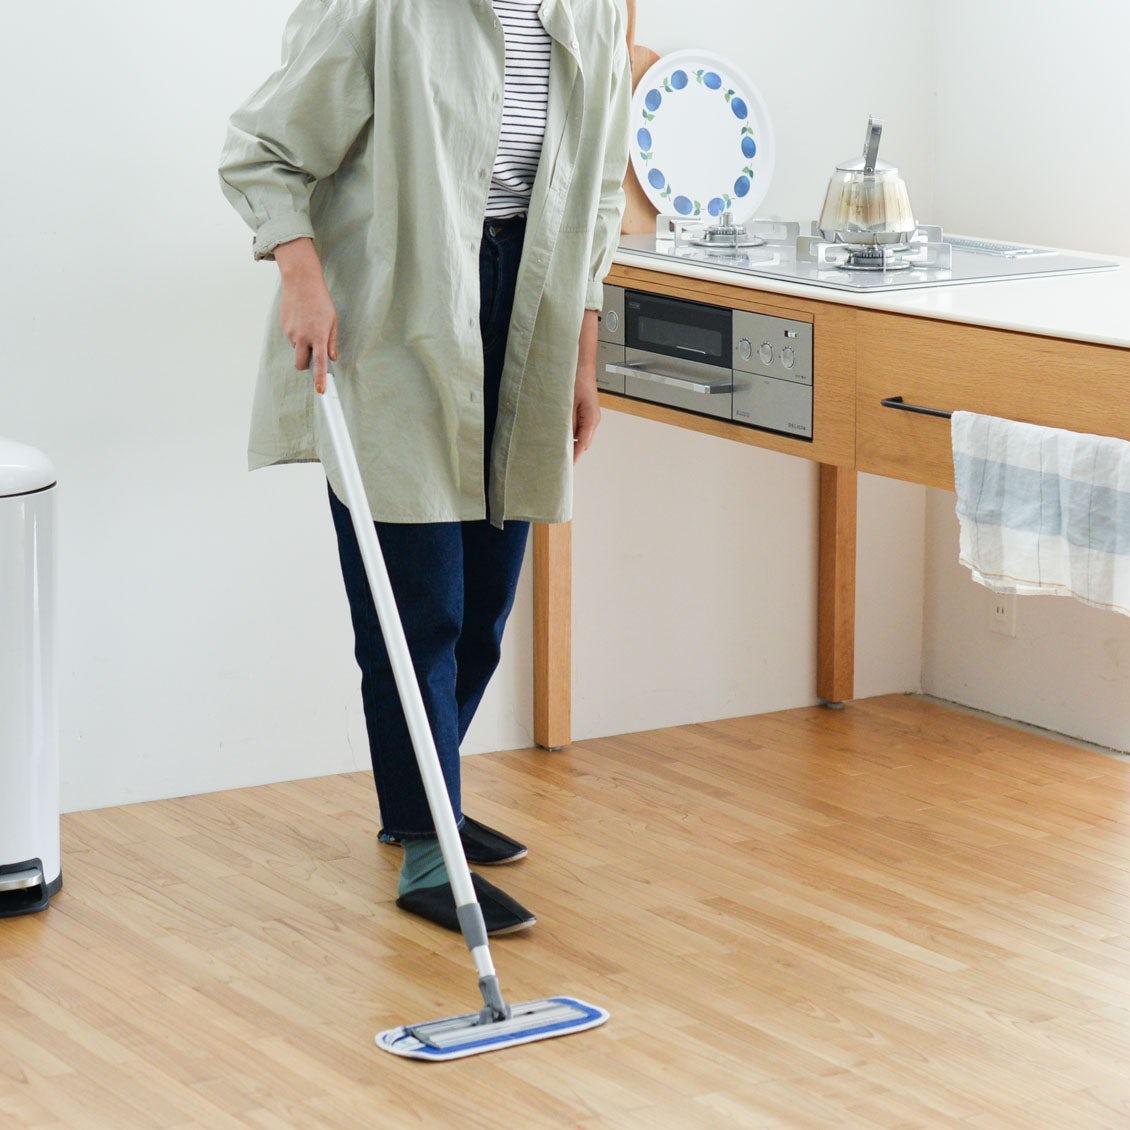 【新商品】お掃除の味方MQDuotexに、モップセットが新登場です!